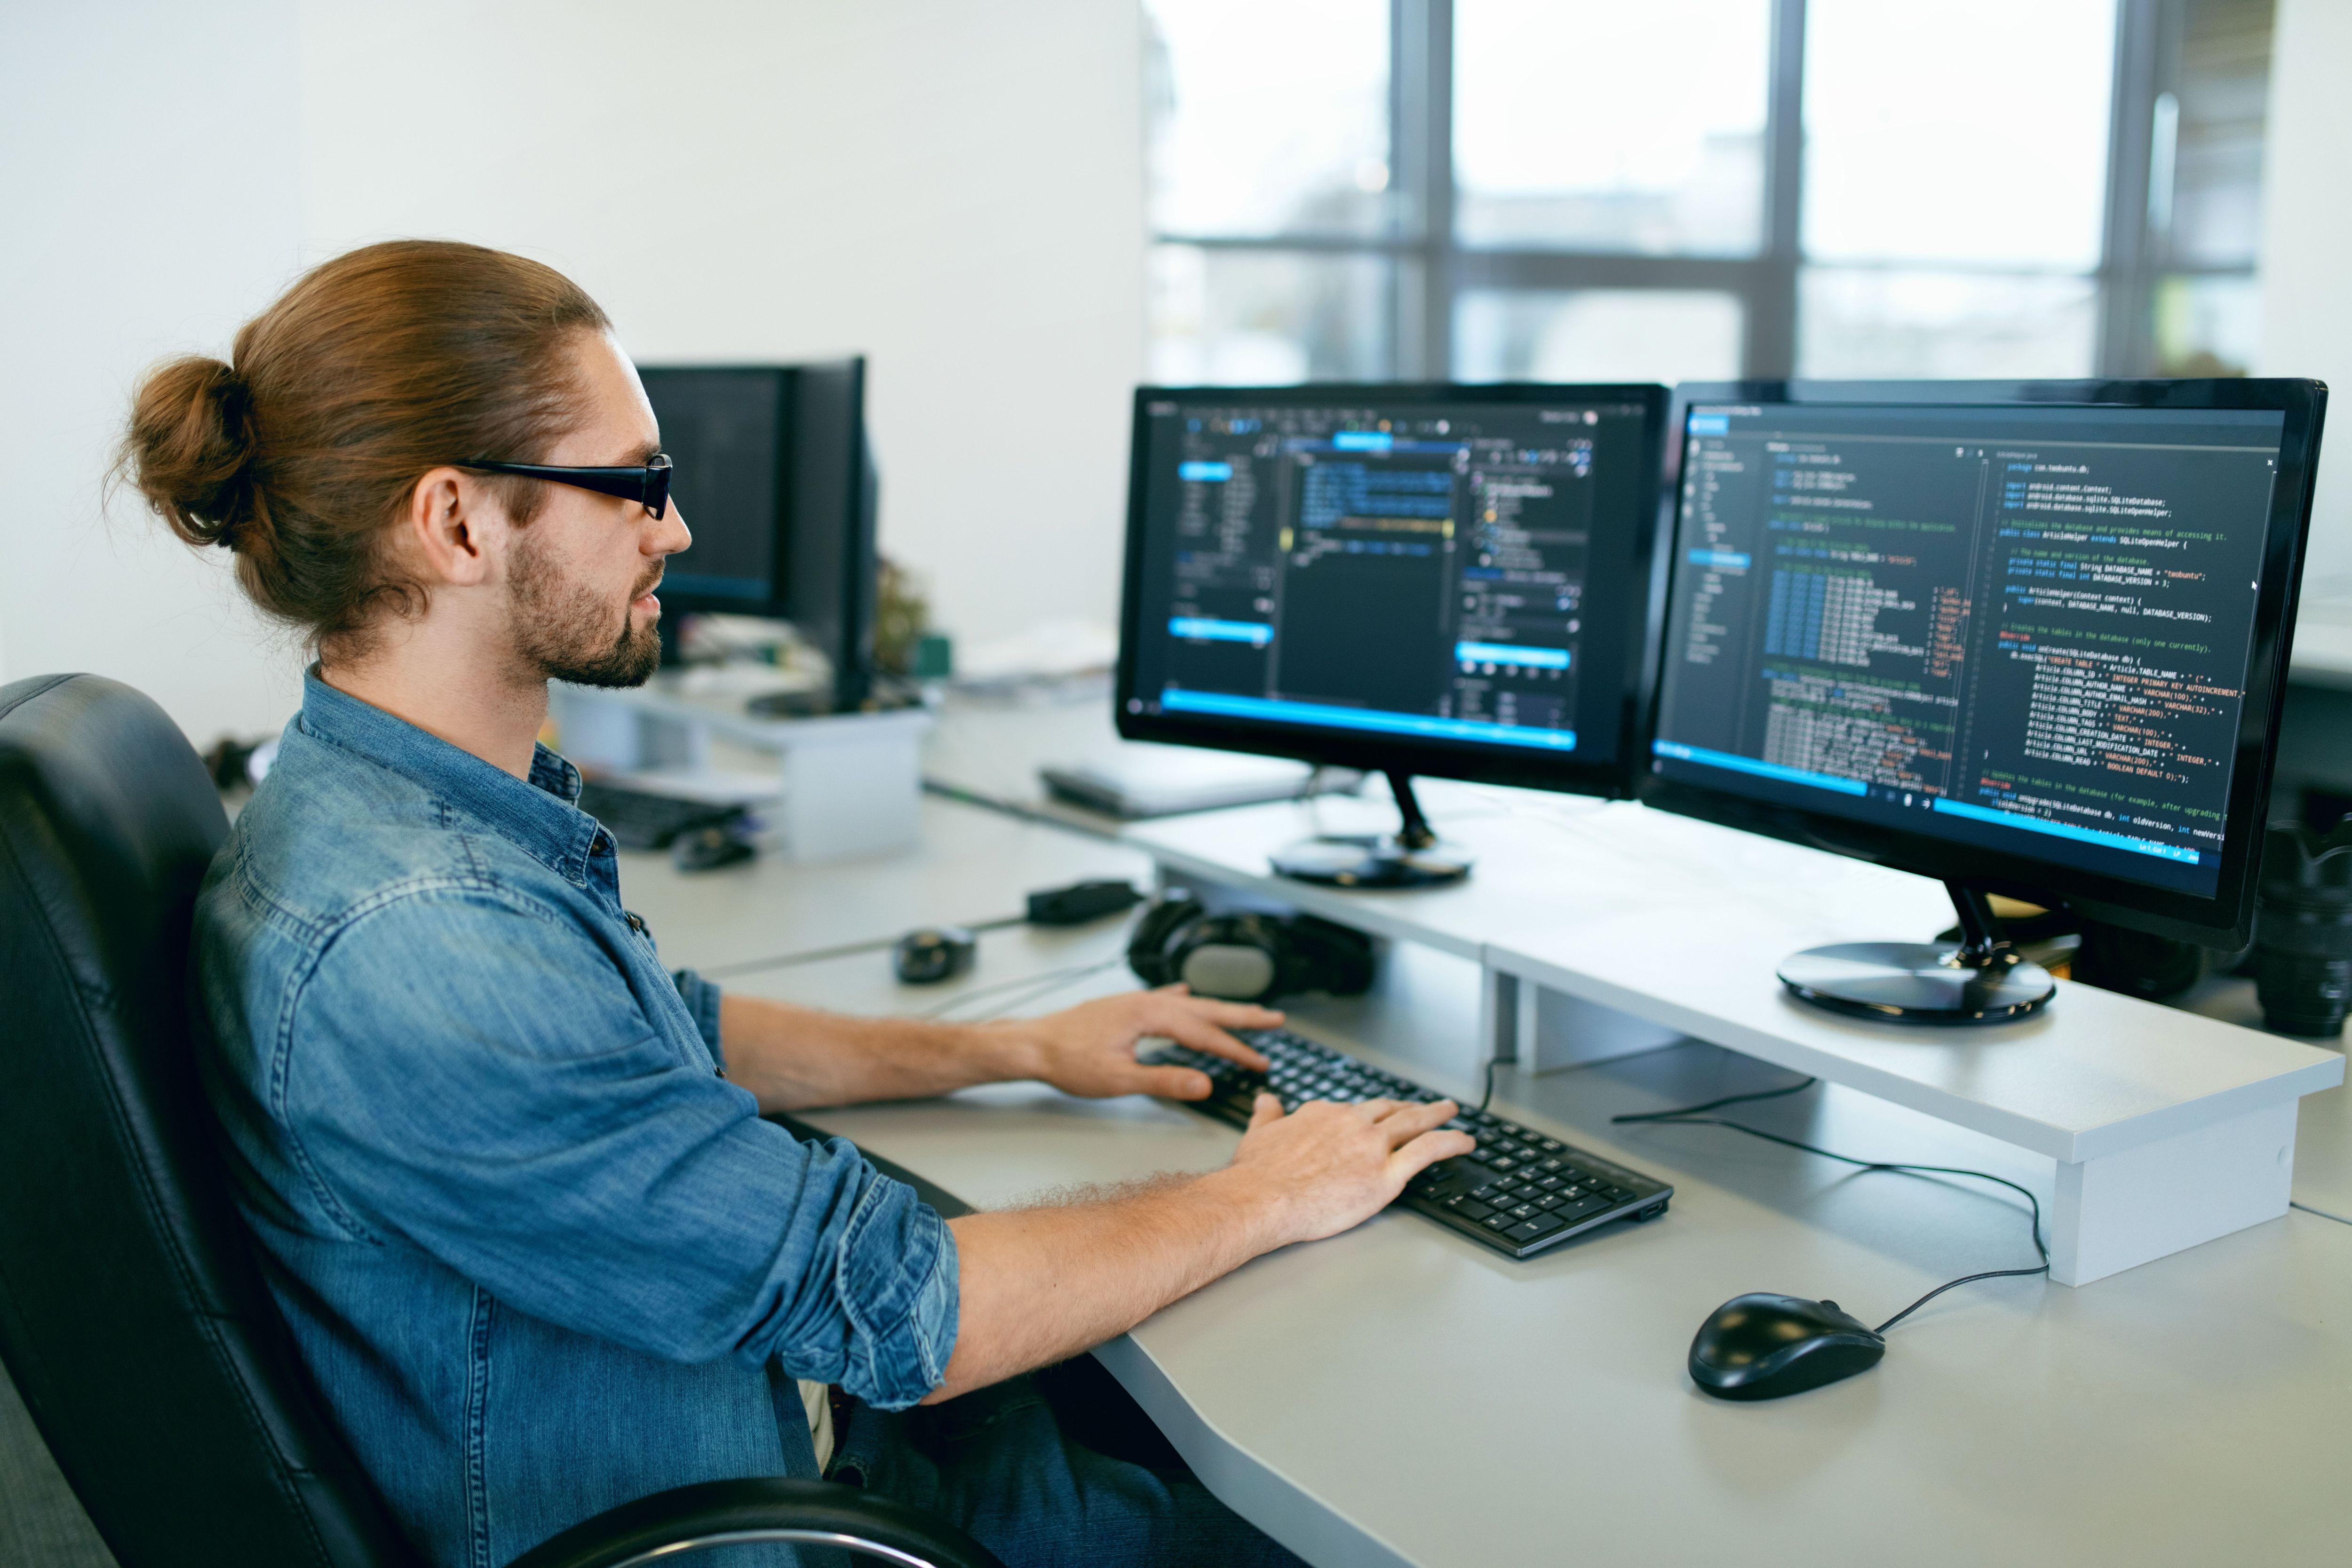 Co trzeci junior skarży się, że nie otrzymuje informacji zwrotnej po zakończonym procesie rekrutacyjnym (Fot. Shutterstock)